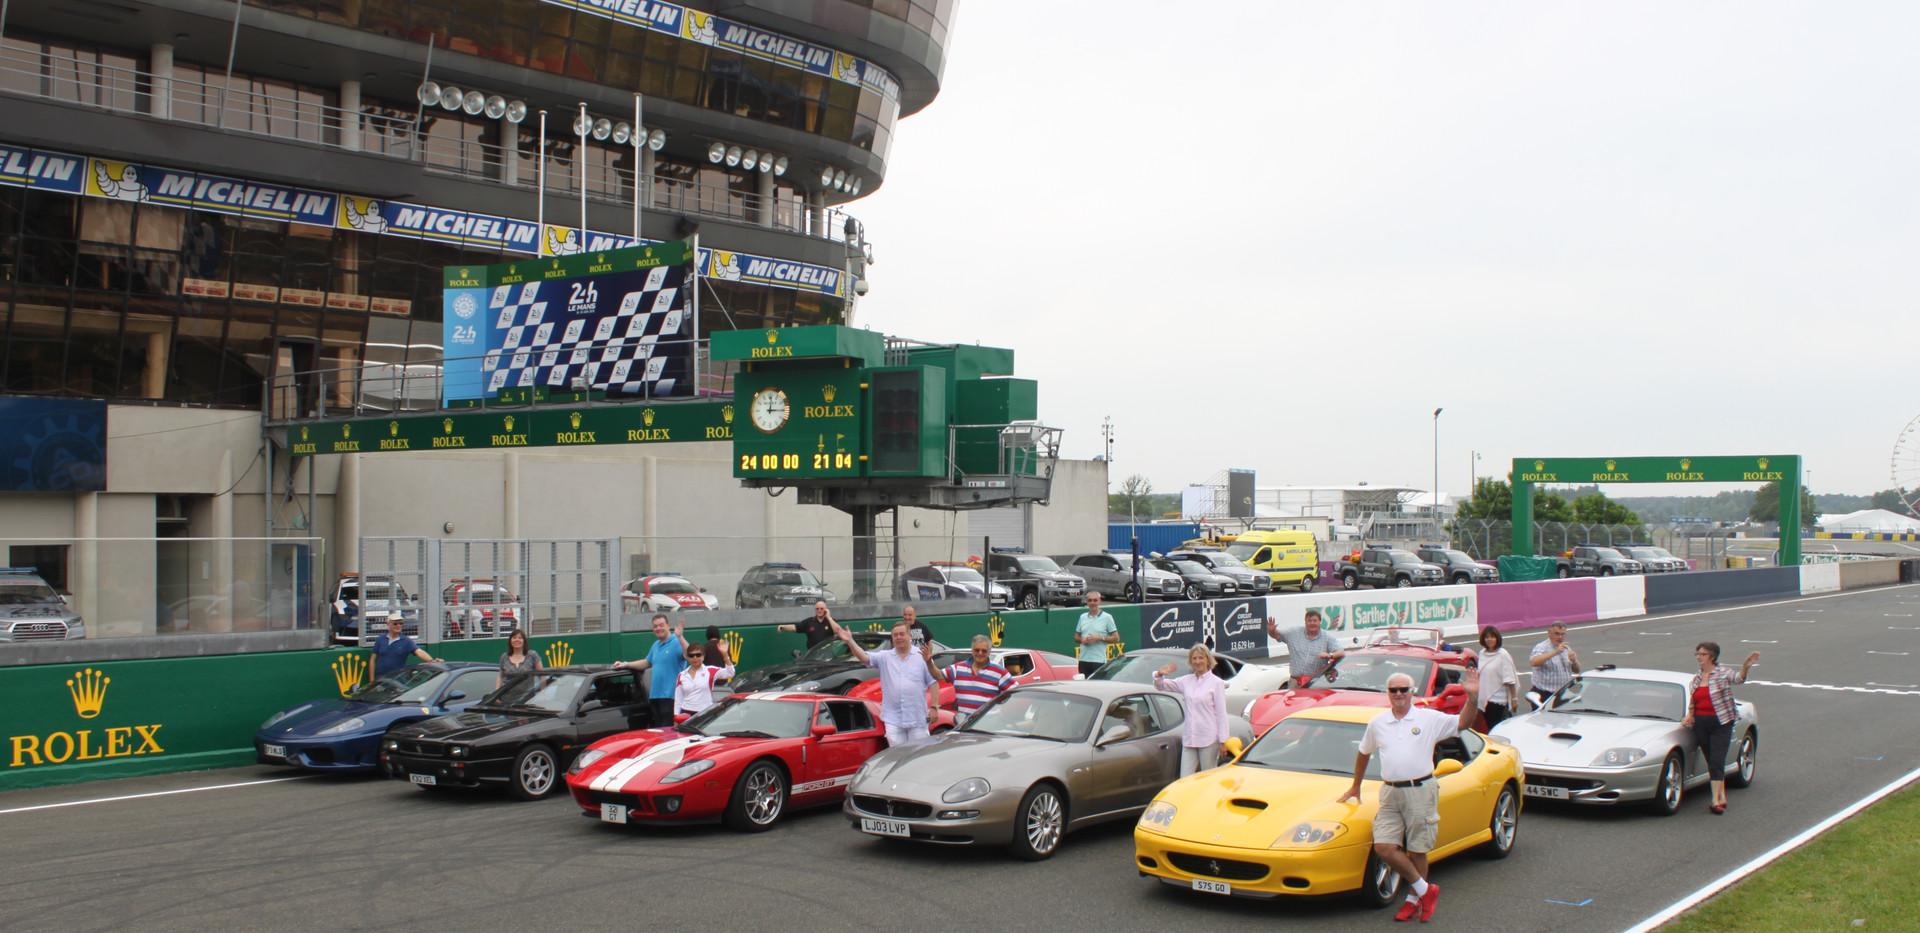 Laps of Le Mans